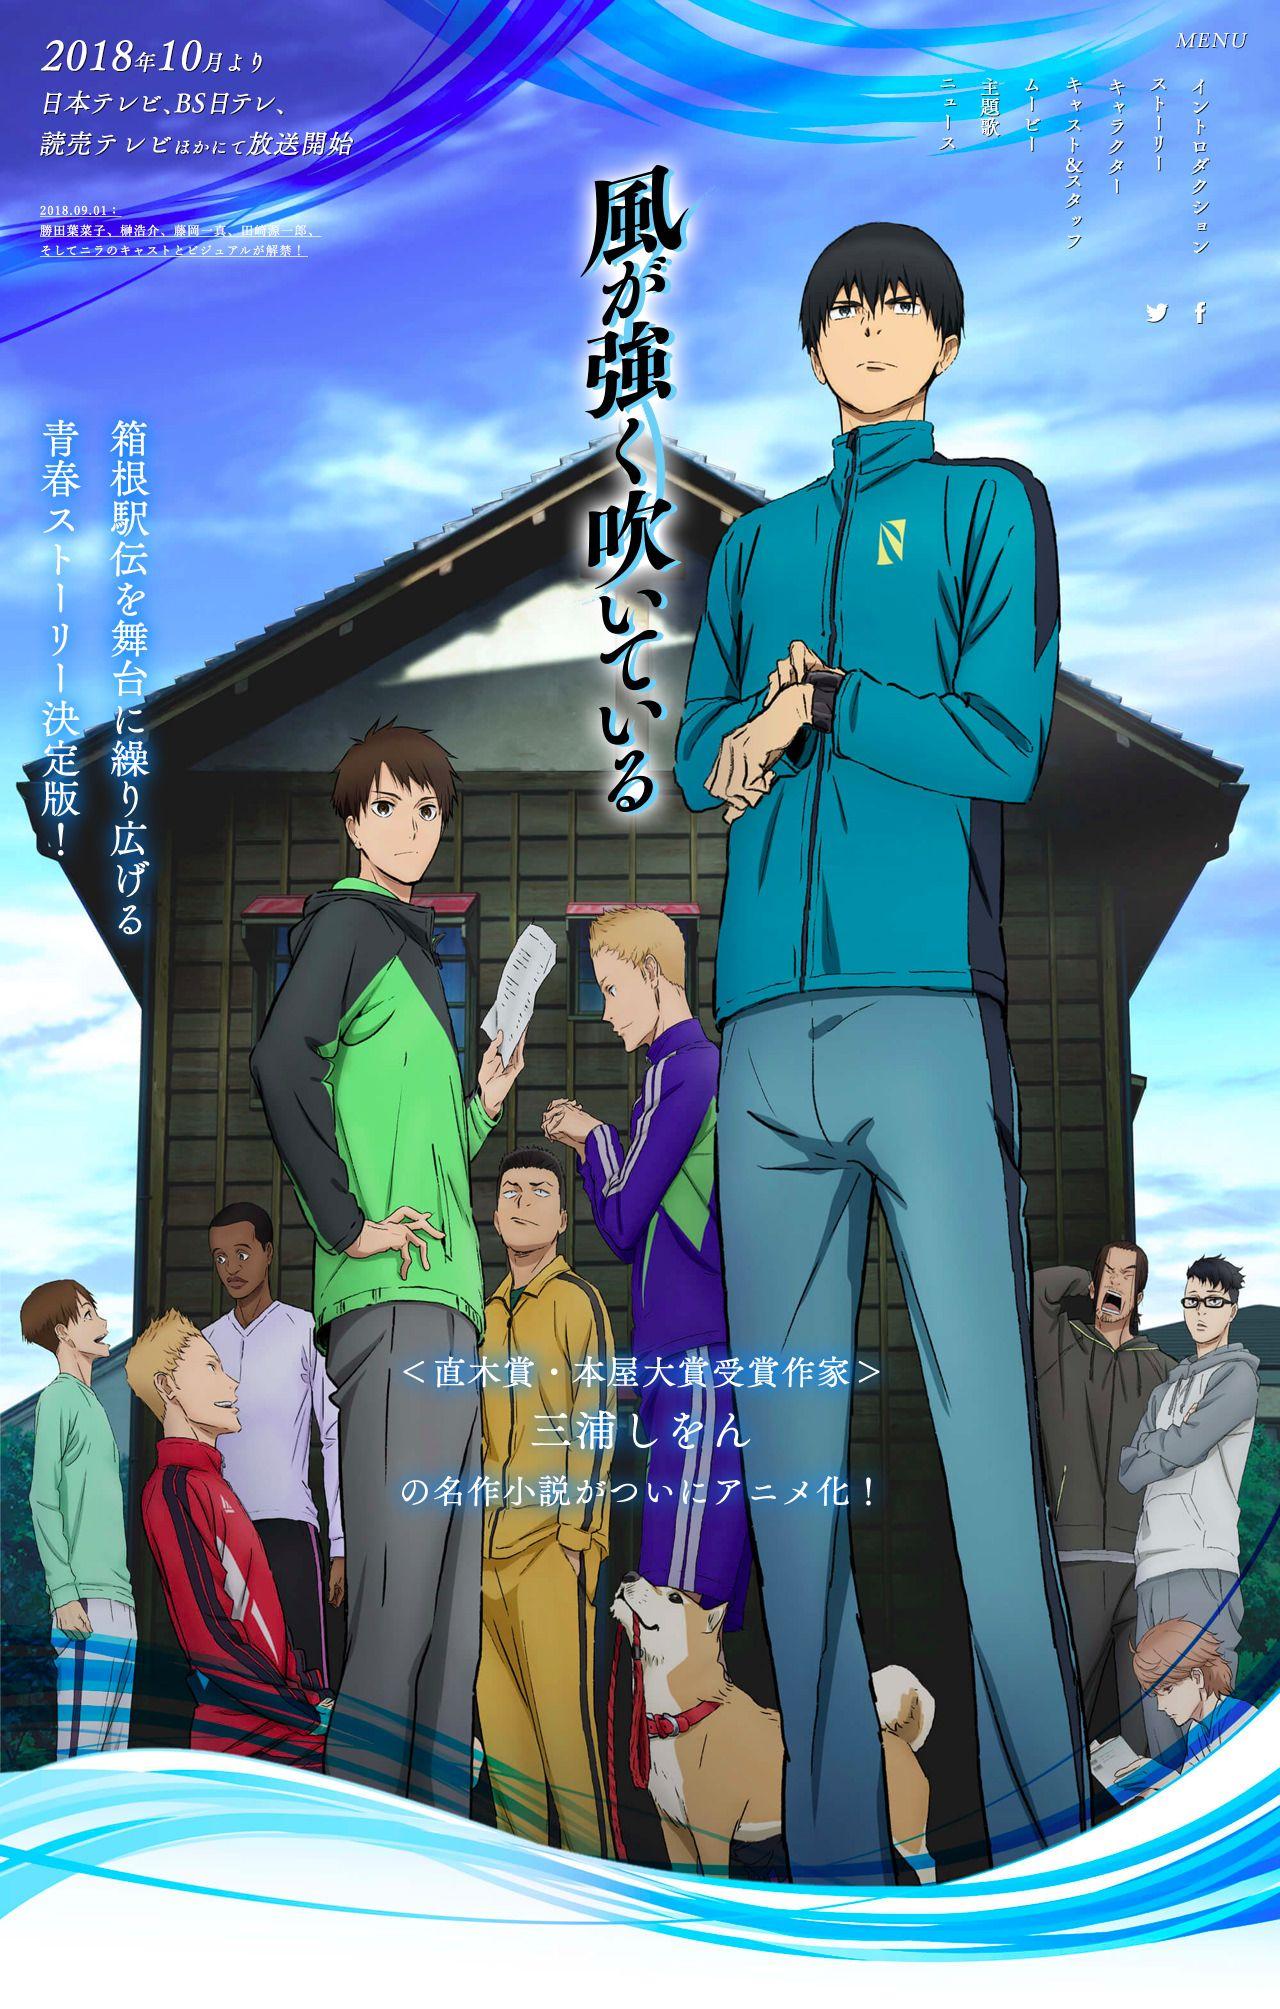 白银出生 character design tips boy sports bedroom sports anime